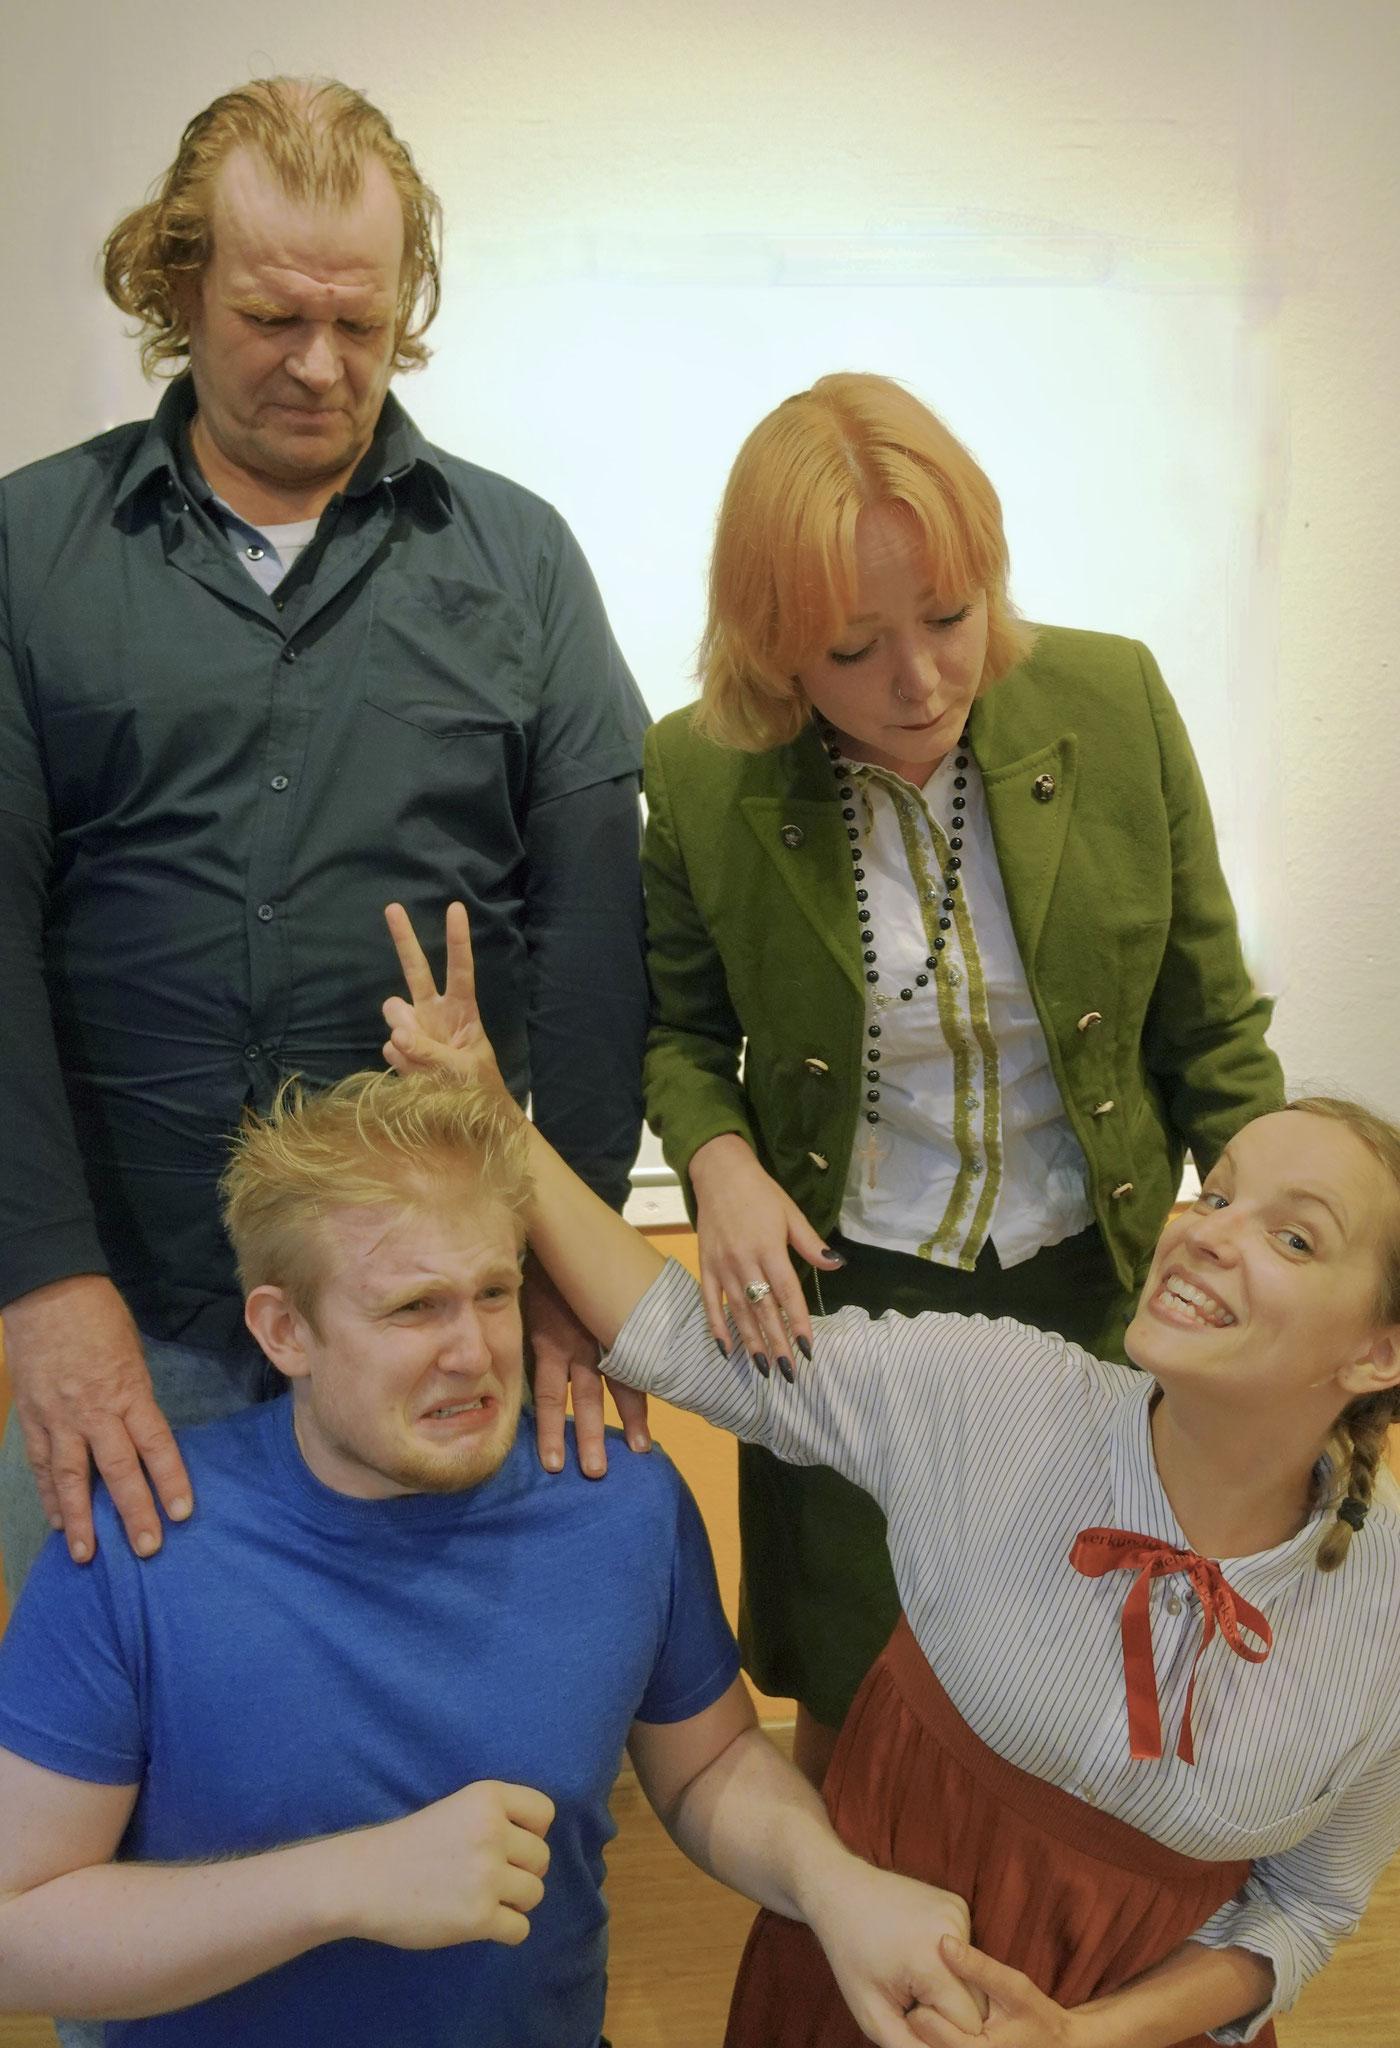 Die Kinder Möbius haben Schwierigkeiten sich fürs Familienfoto zusammen zu reißen.